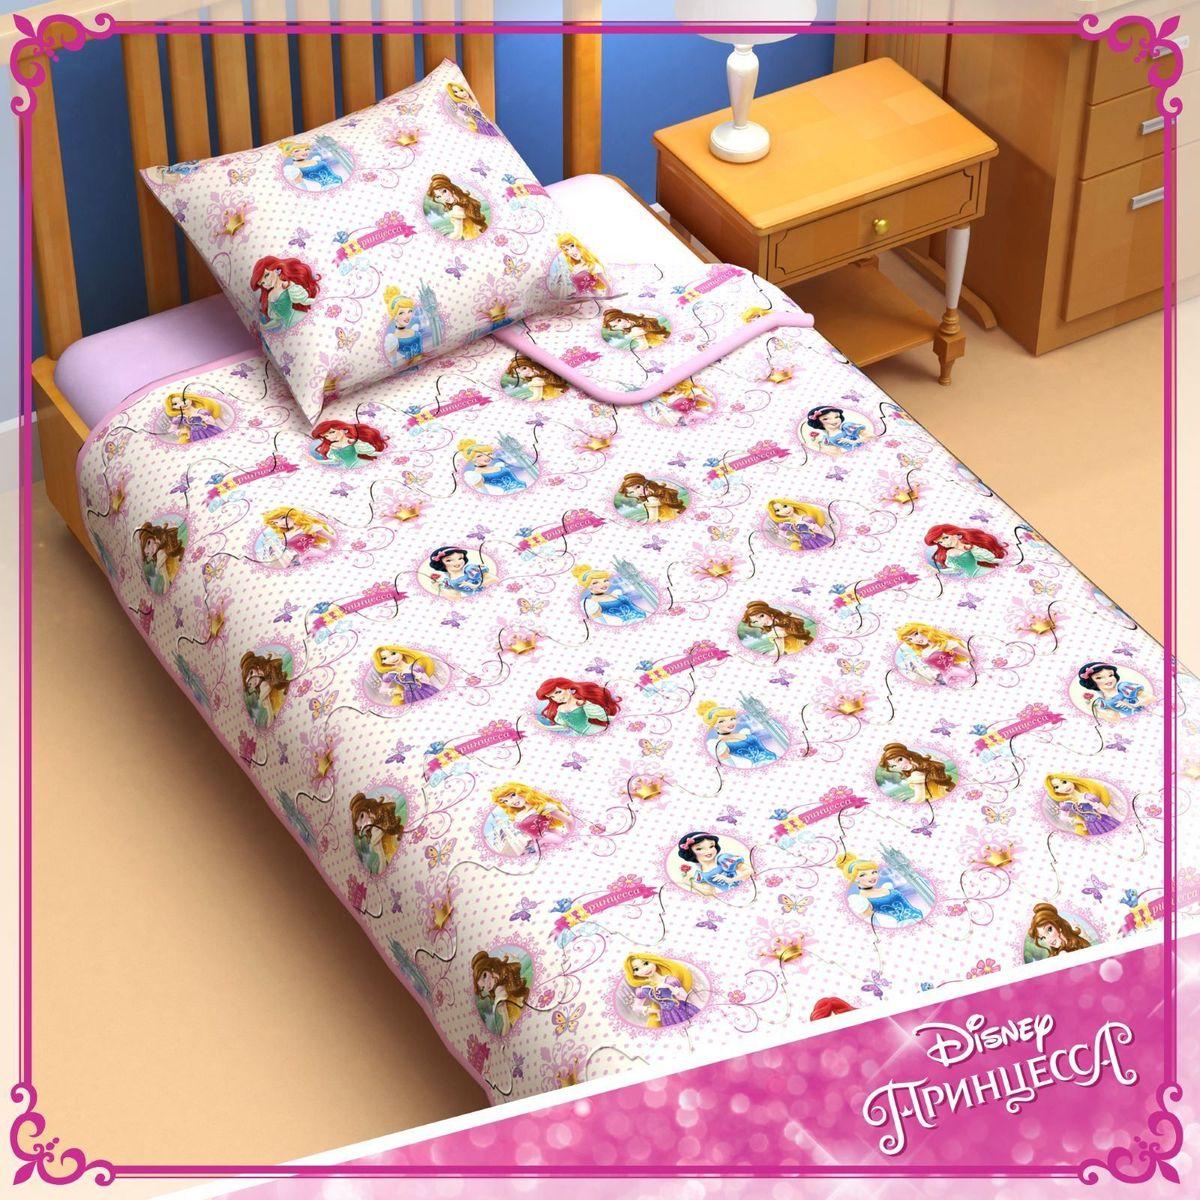 Disney Одеяло 1,5 спальное Принцессы 140 х 205 см 1153168 купить чехол на айфон 5 s disney